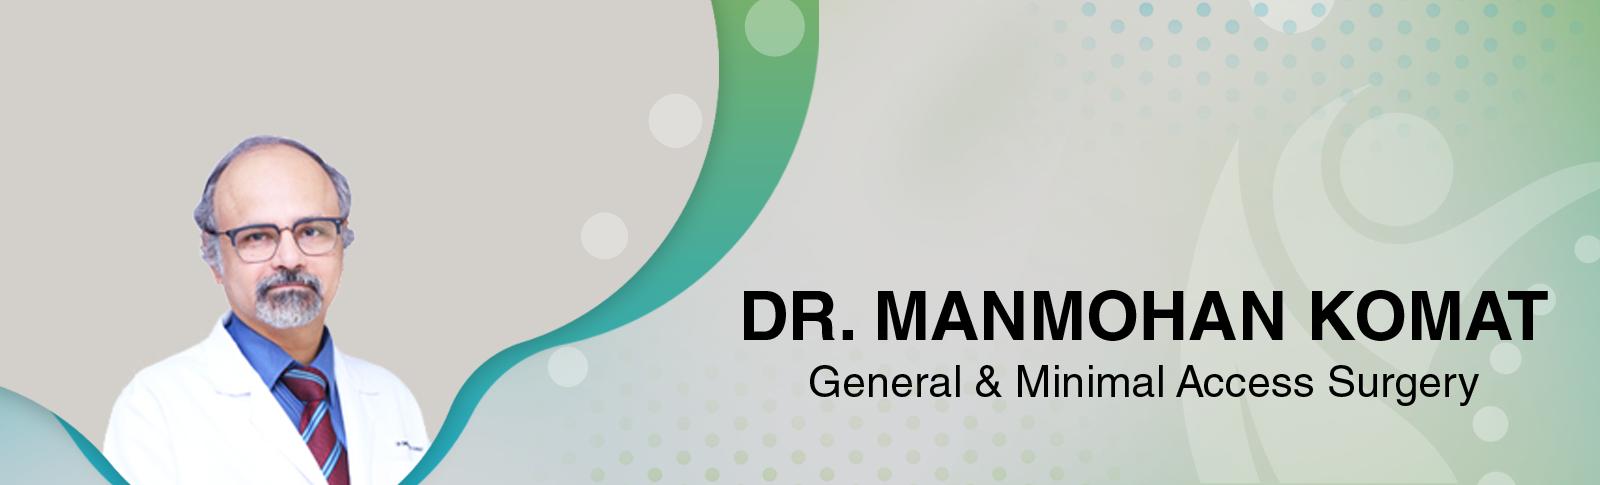 Dr. Manmohan Kamat